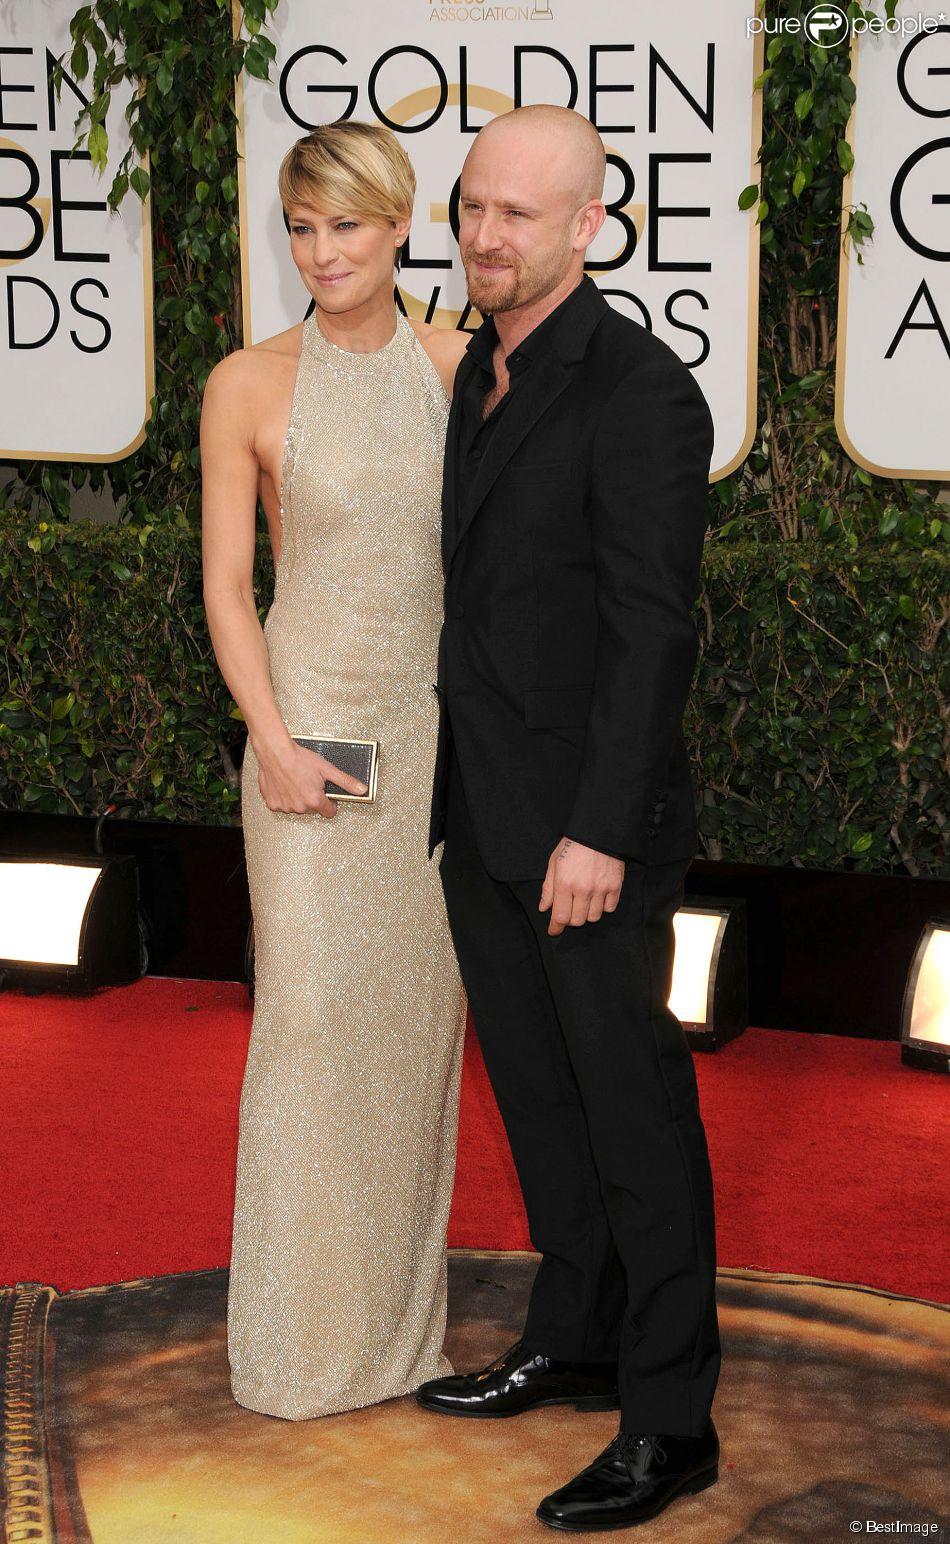 Robin Wright et son fiancé Ben Foster lors de la 71e cérémonie des Golden Globe Awards au Beverly Hilton Hotel à Beverly Hills, le 12 janvier 2014.